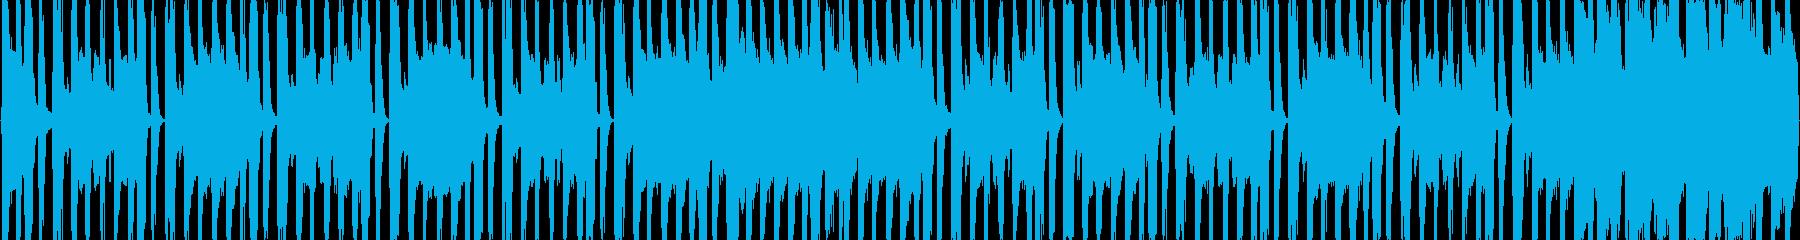 ファンキーなロックBGMの再生済みの波形